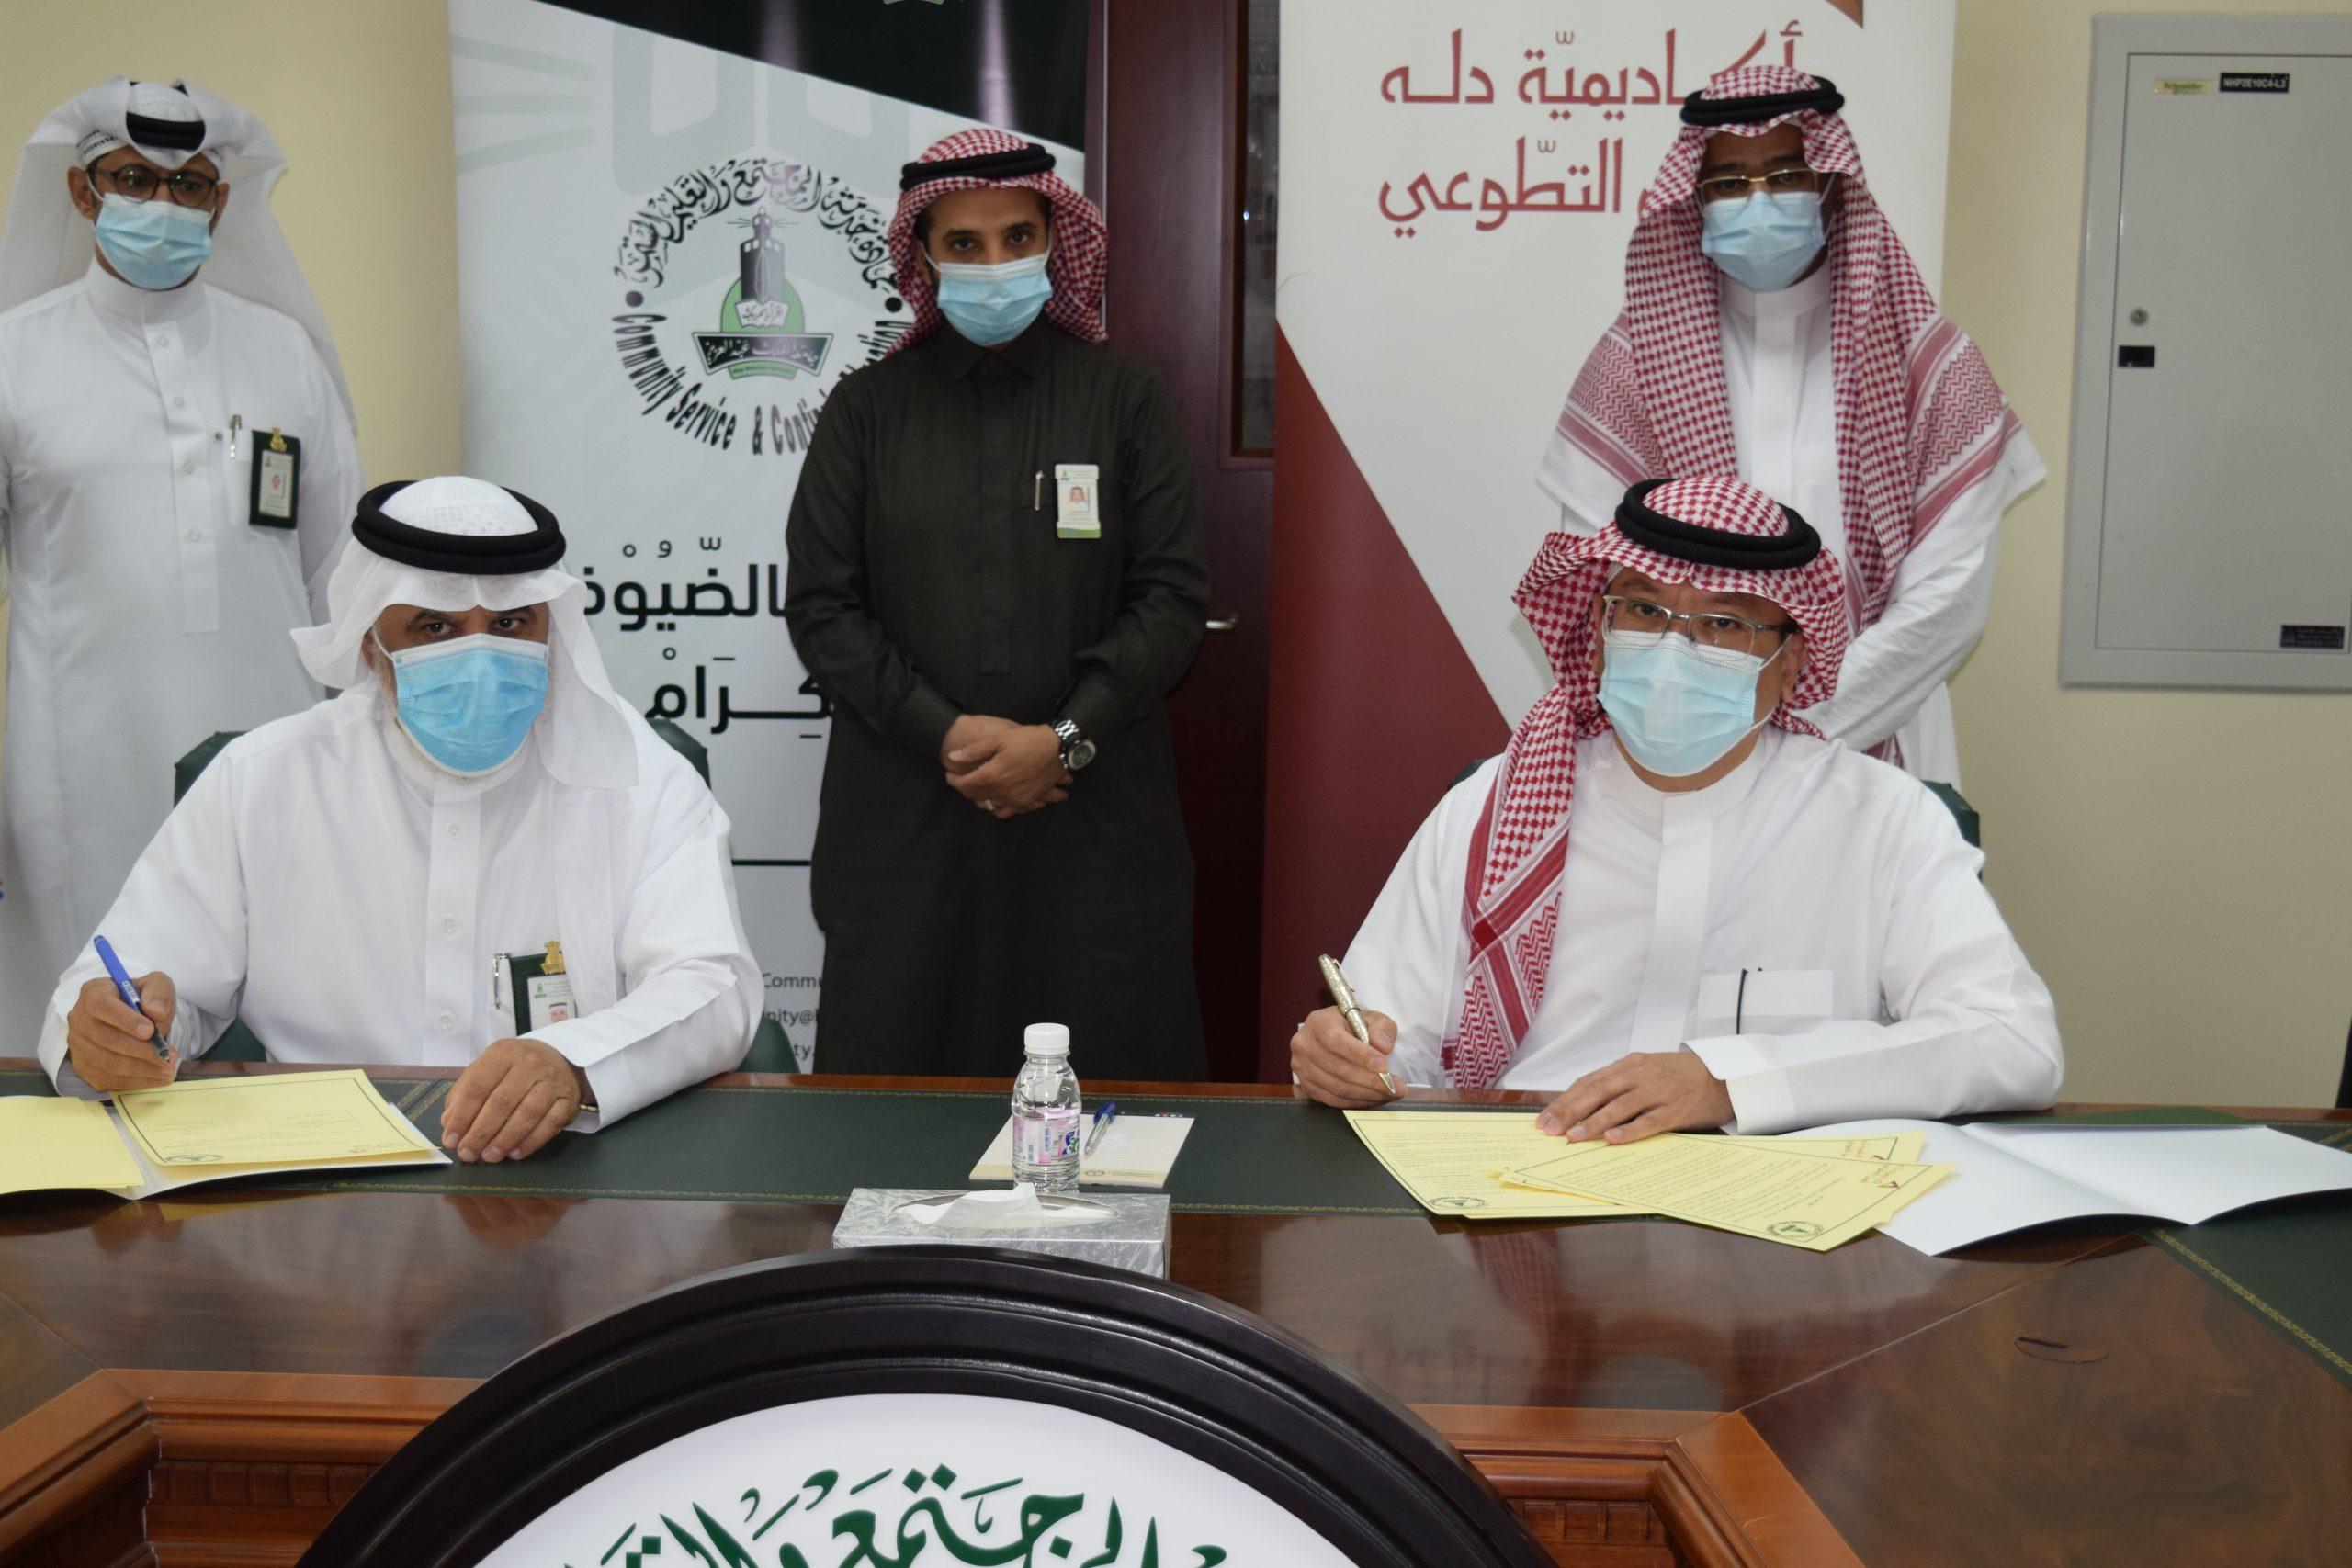 توقيع اتفاقية تعاون مع كلية خدمة المجتمع والتعليم المستمر بجامعة الملك عبدالعزيز